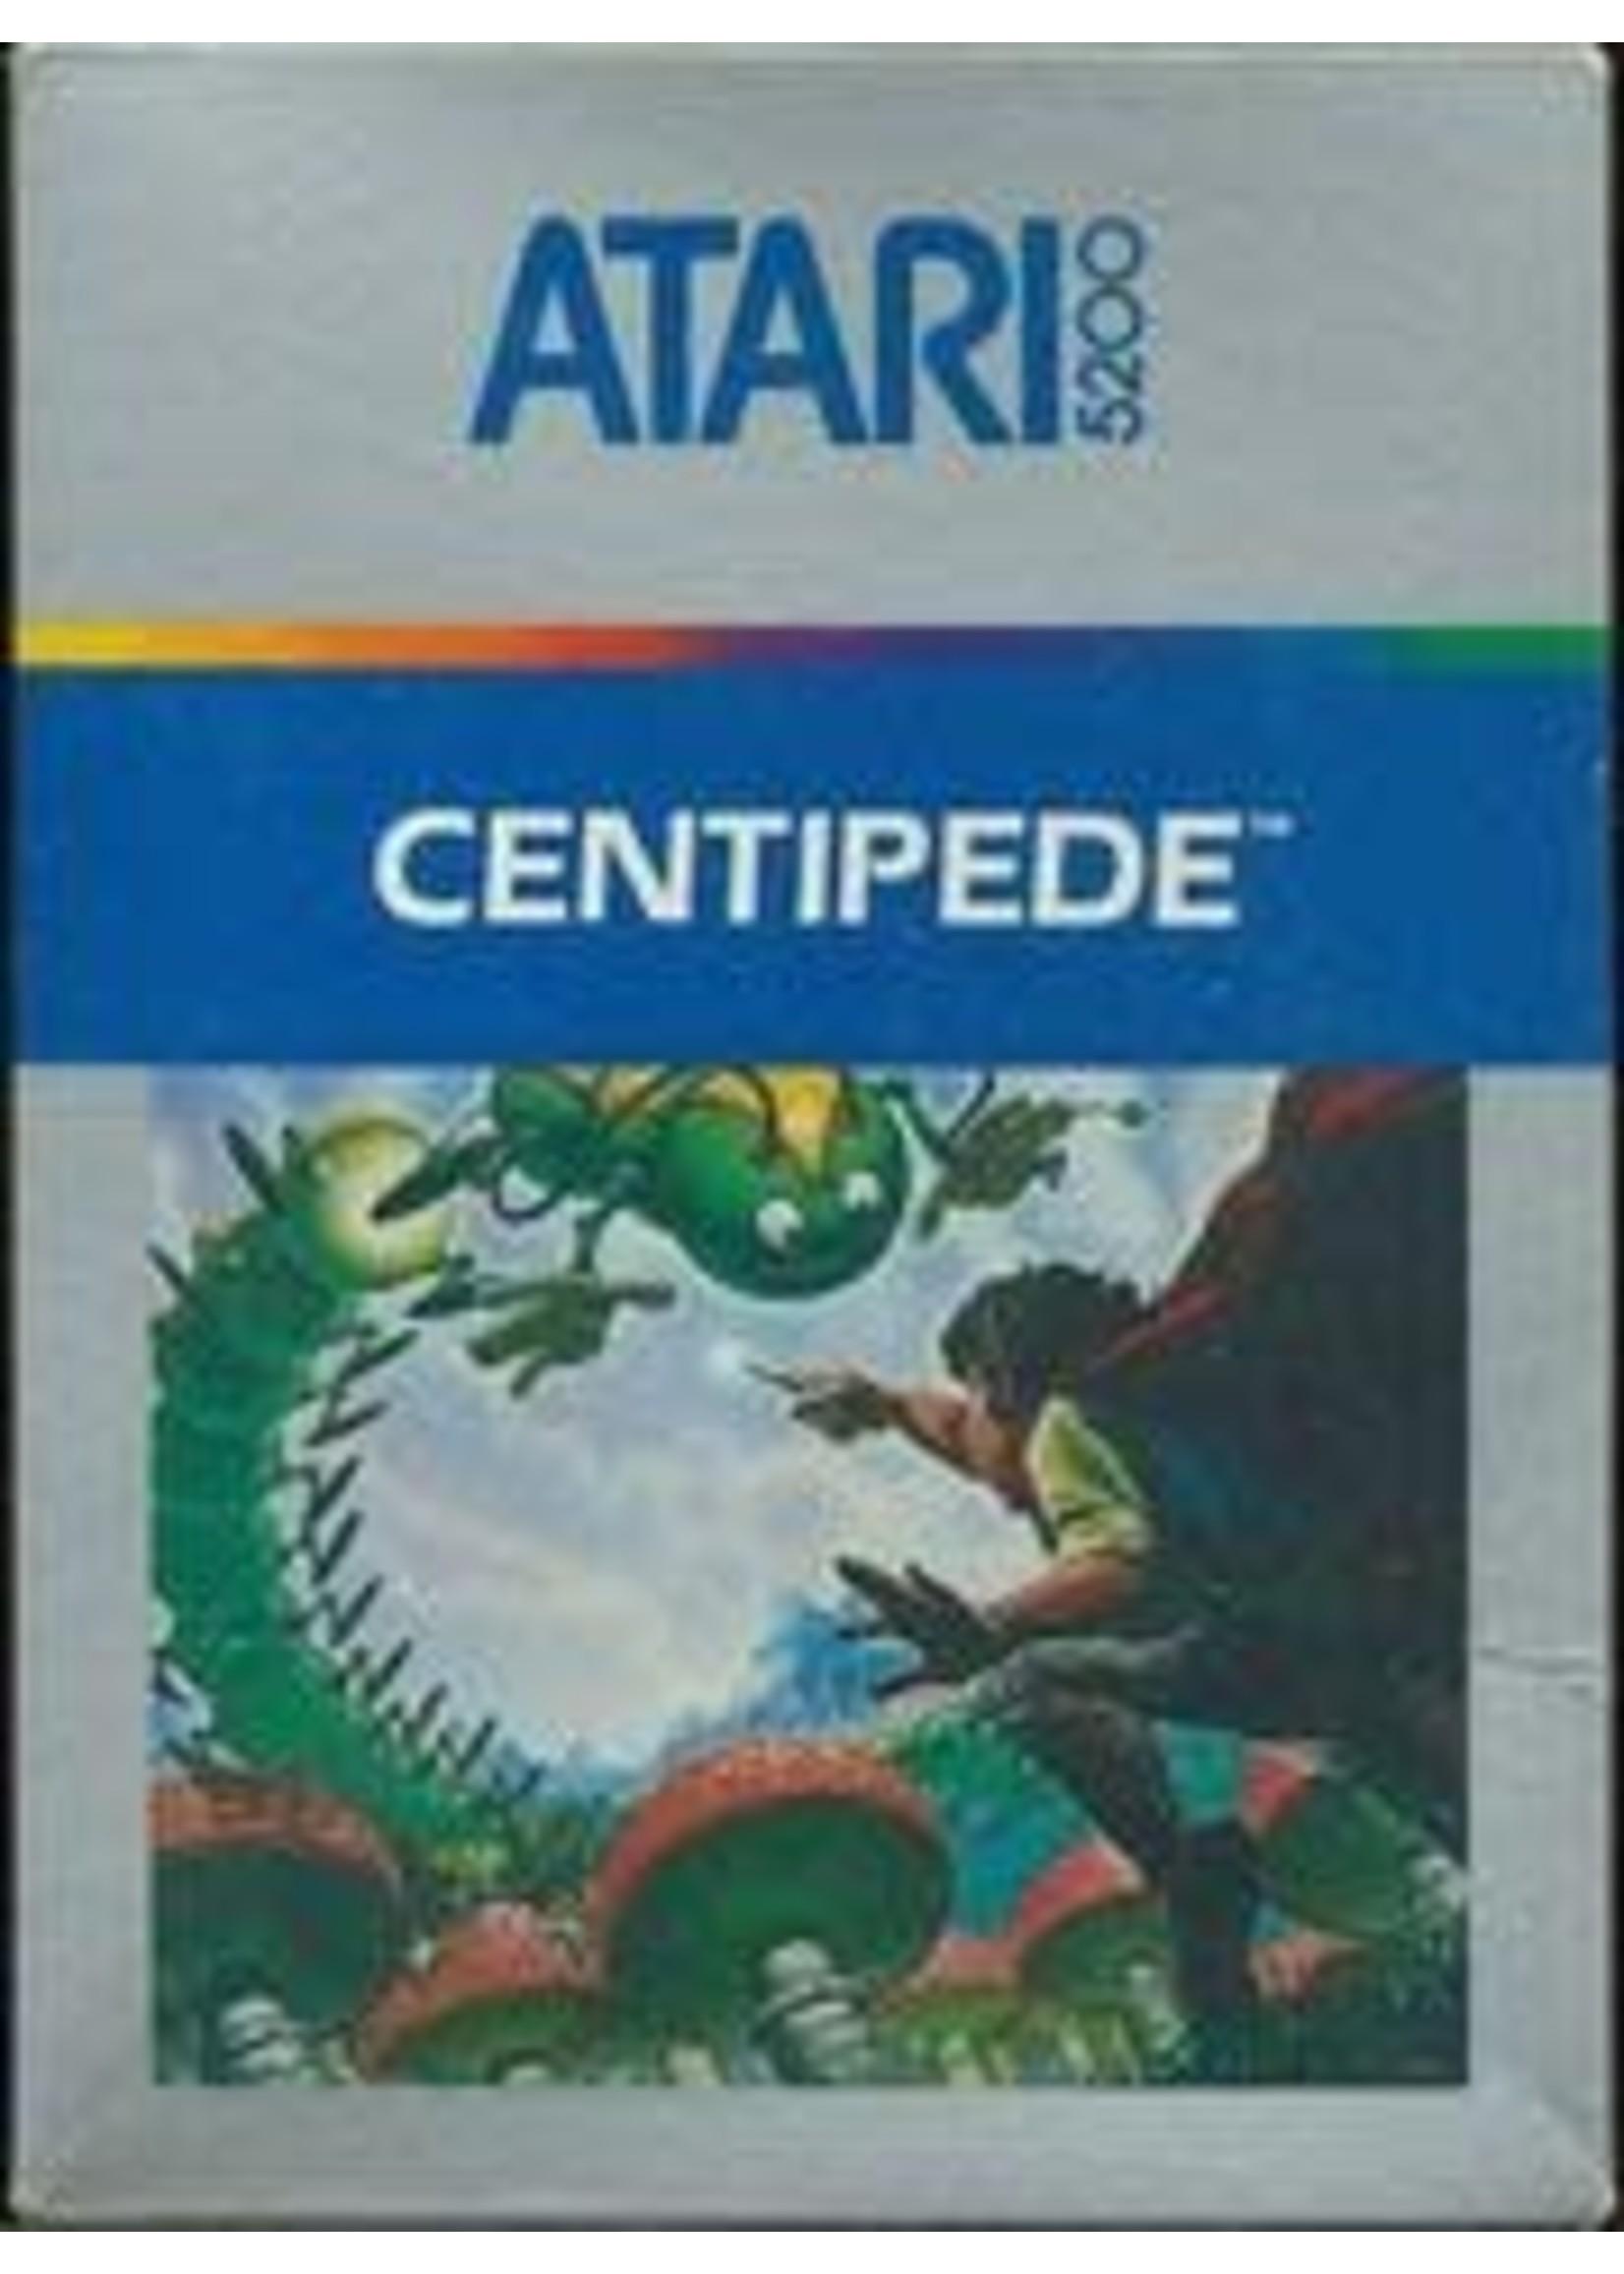 Centipede Atari 5200